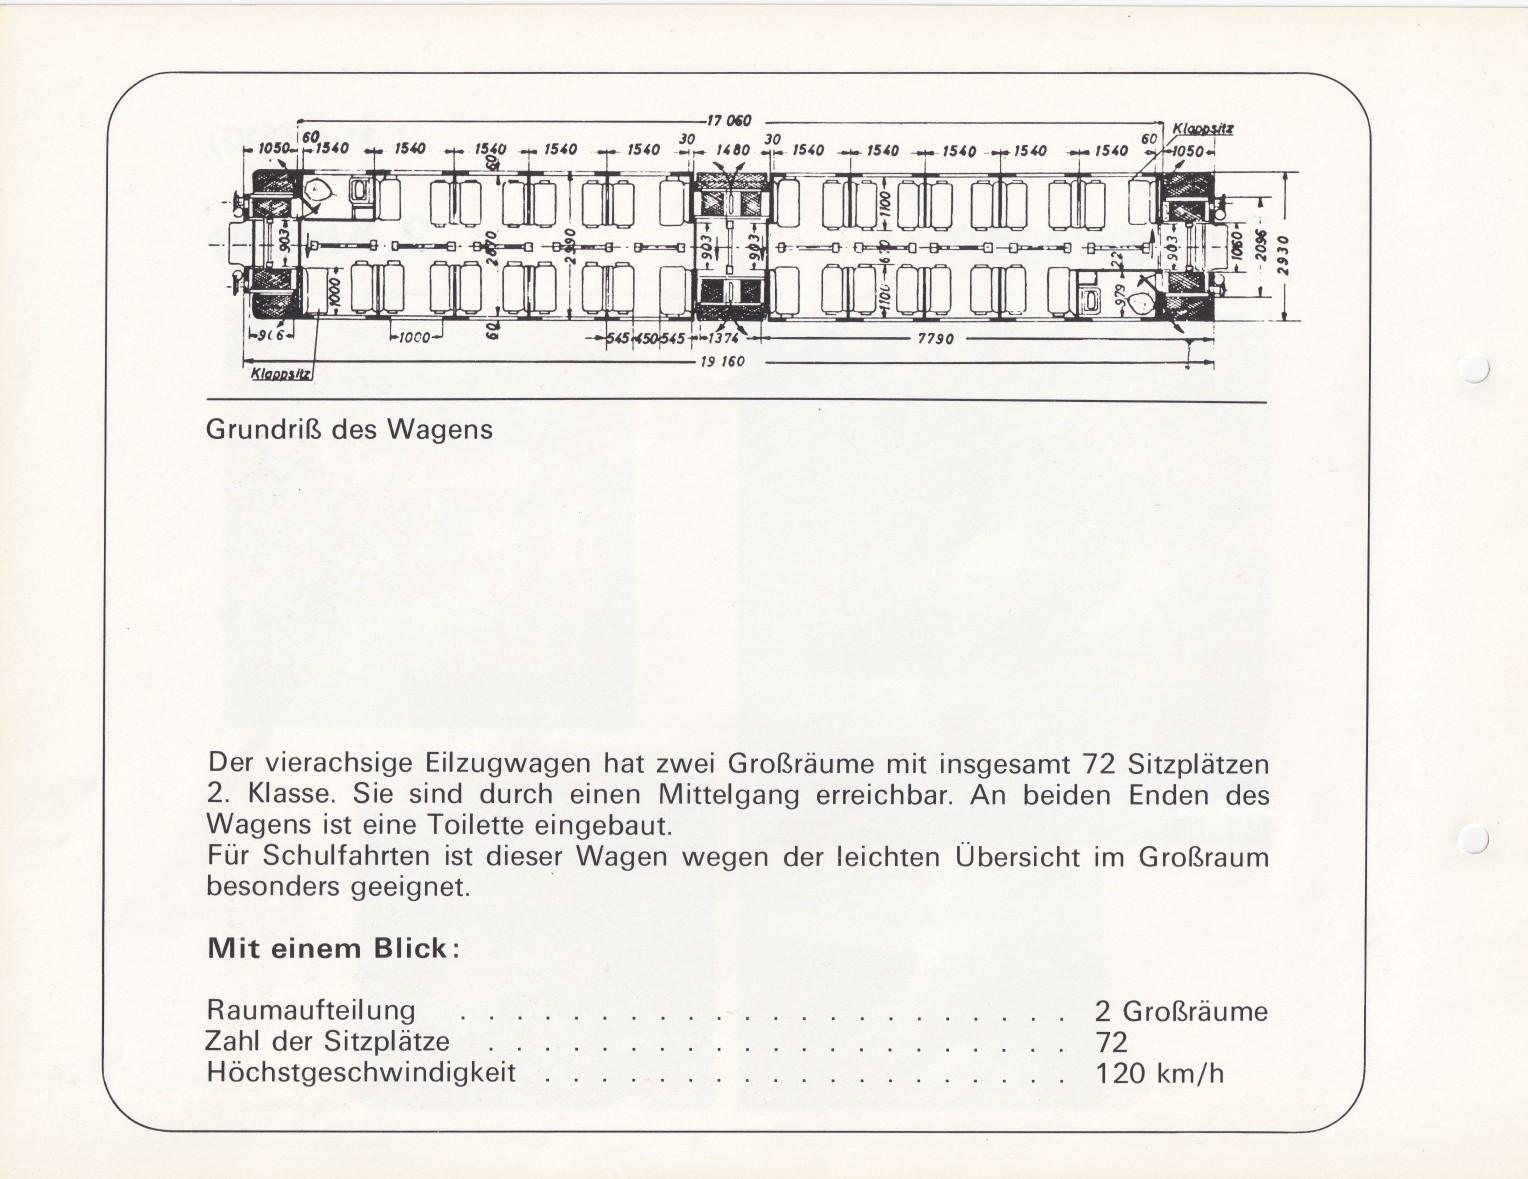 https://www.nullclub.de/hifo/Fahrzeuglexikon/Wagen24b.jpg